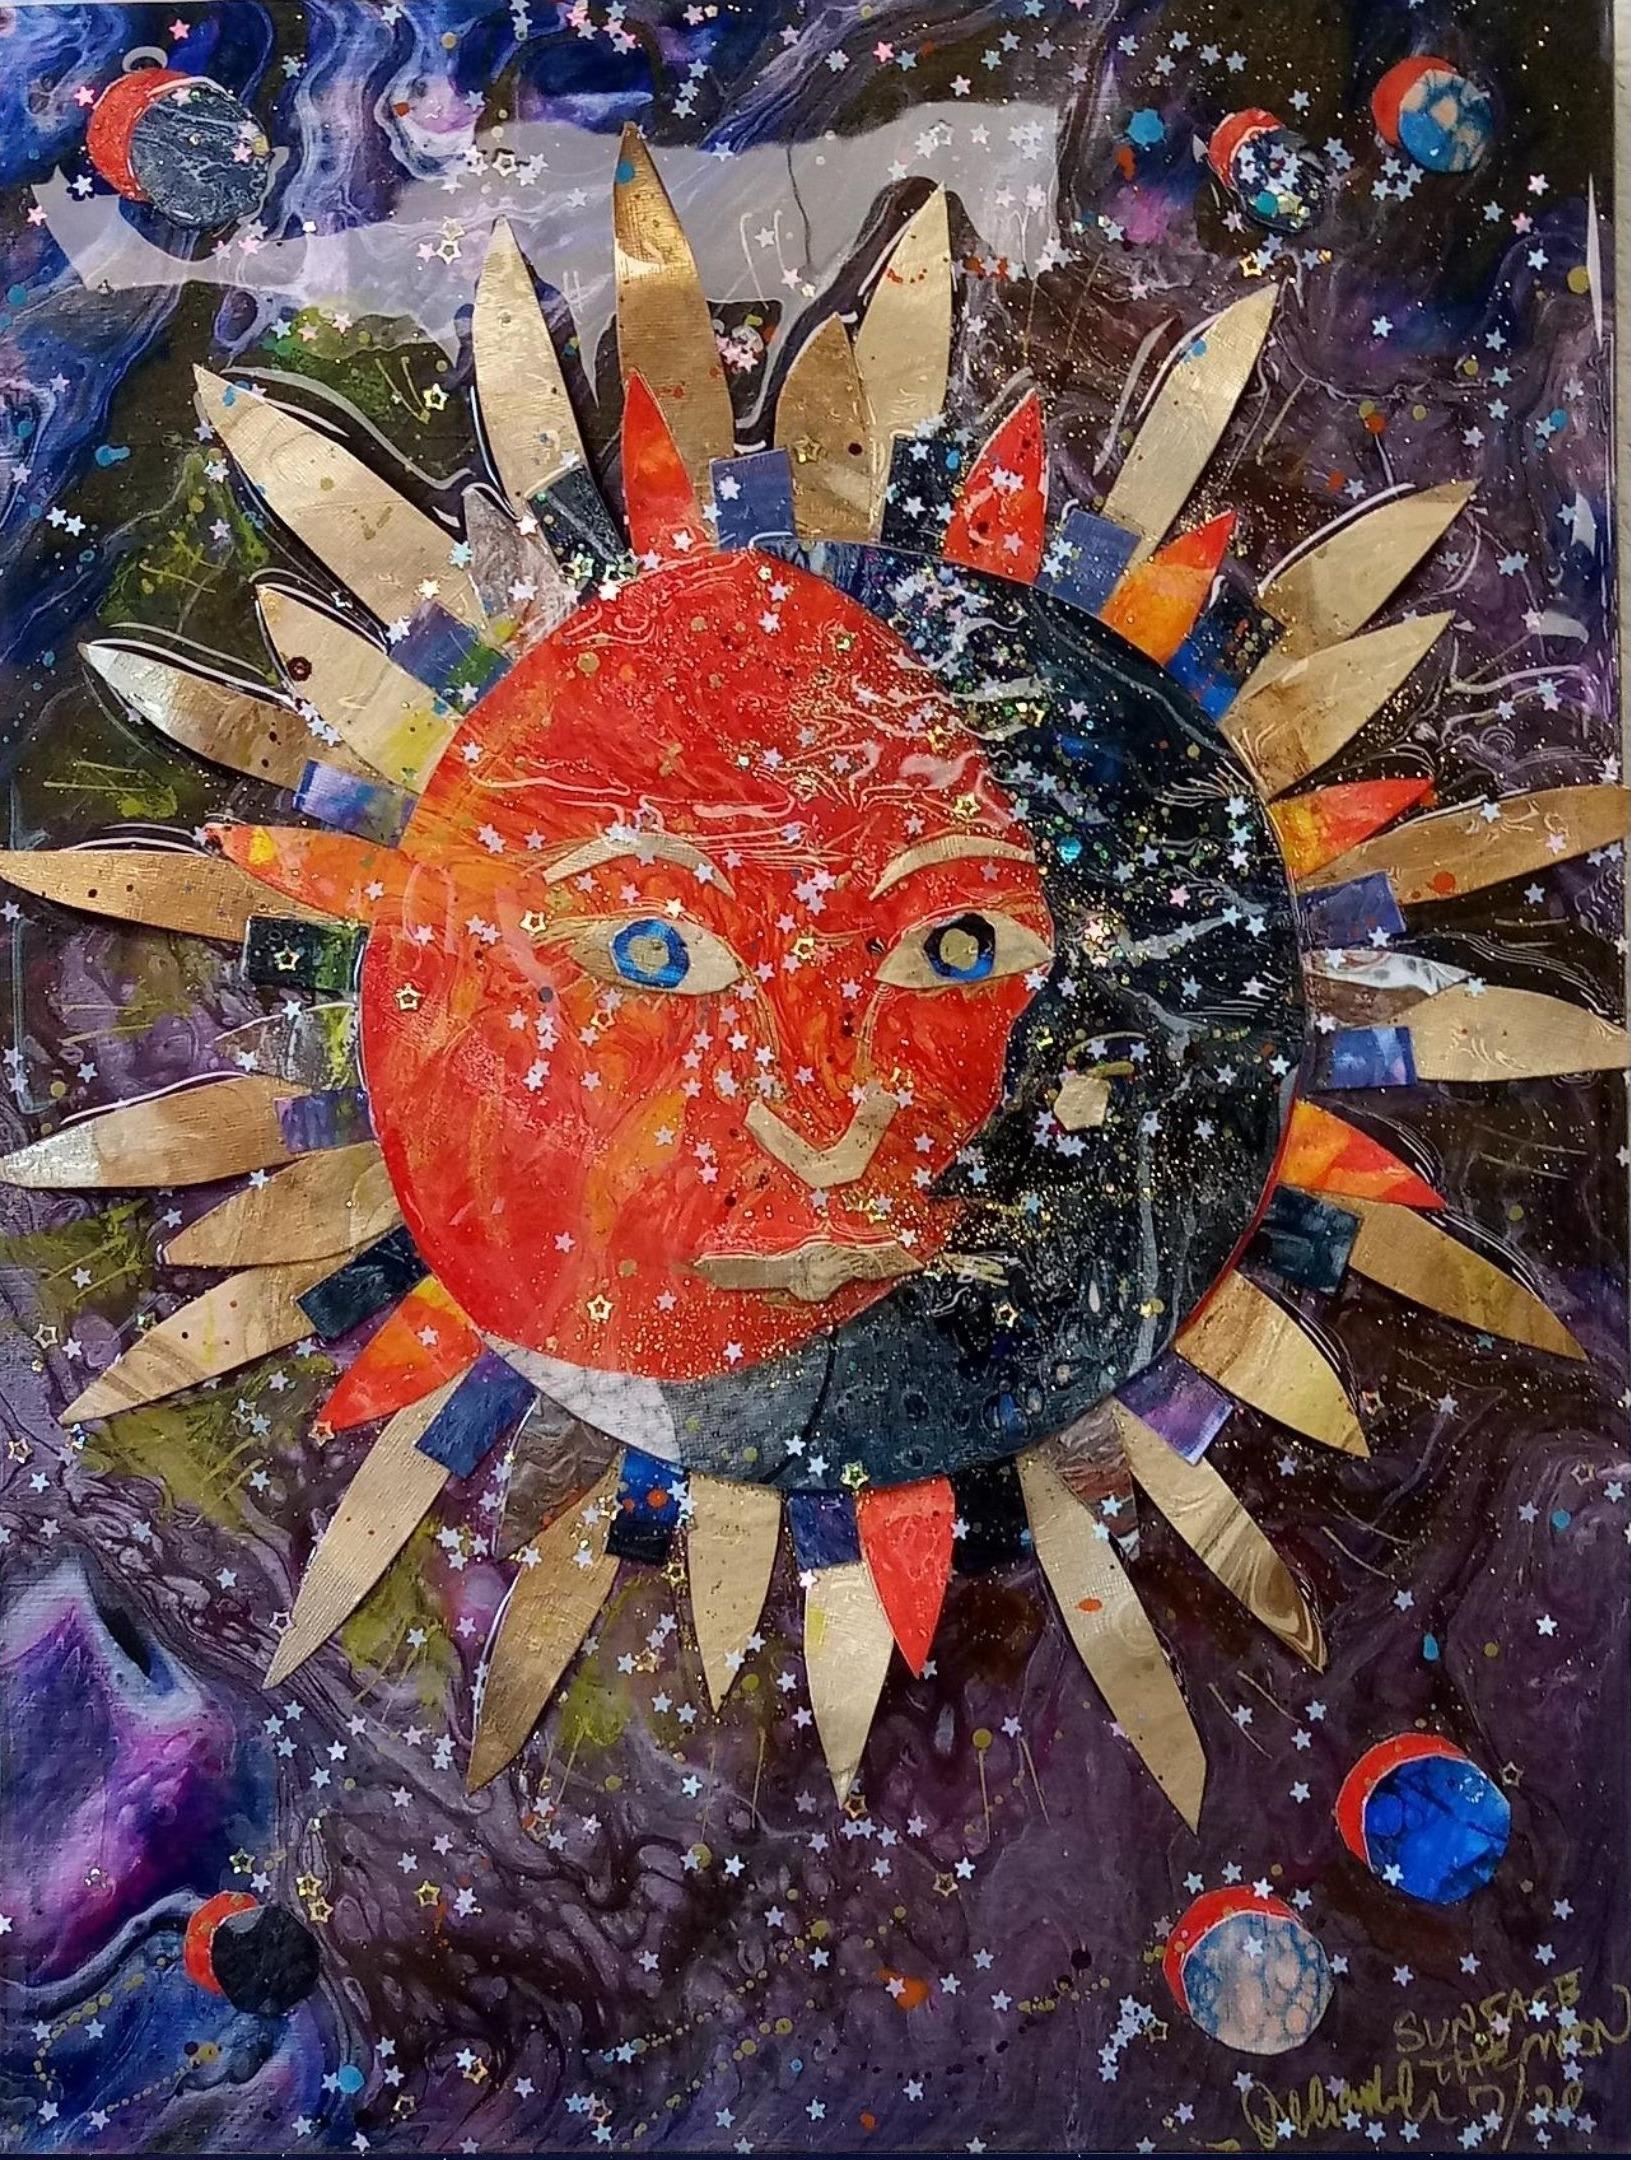 Sun Face the Moon